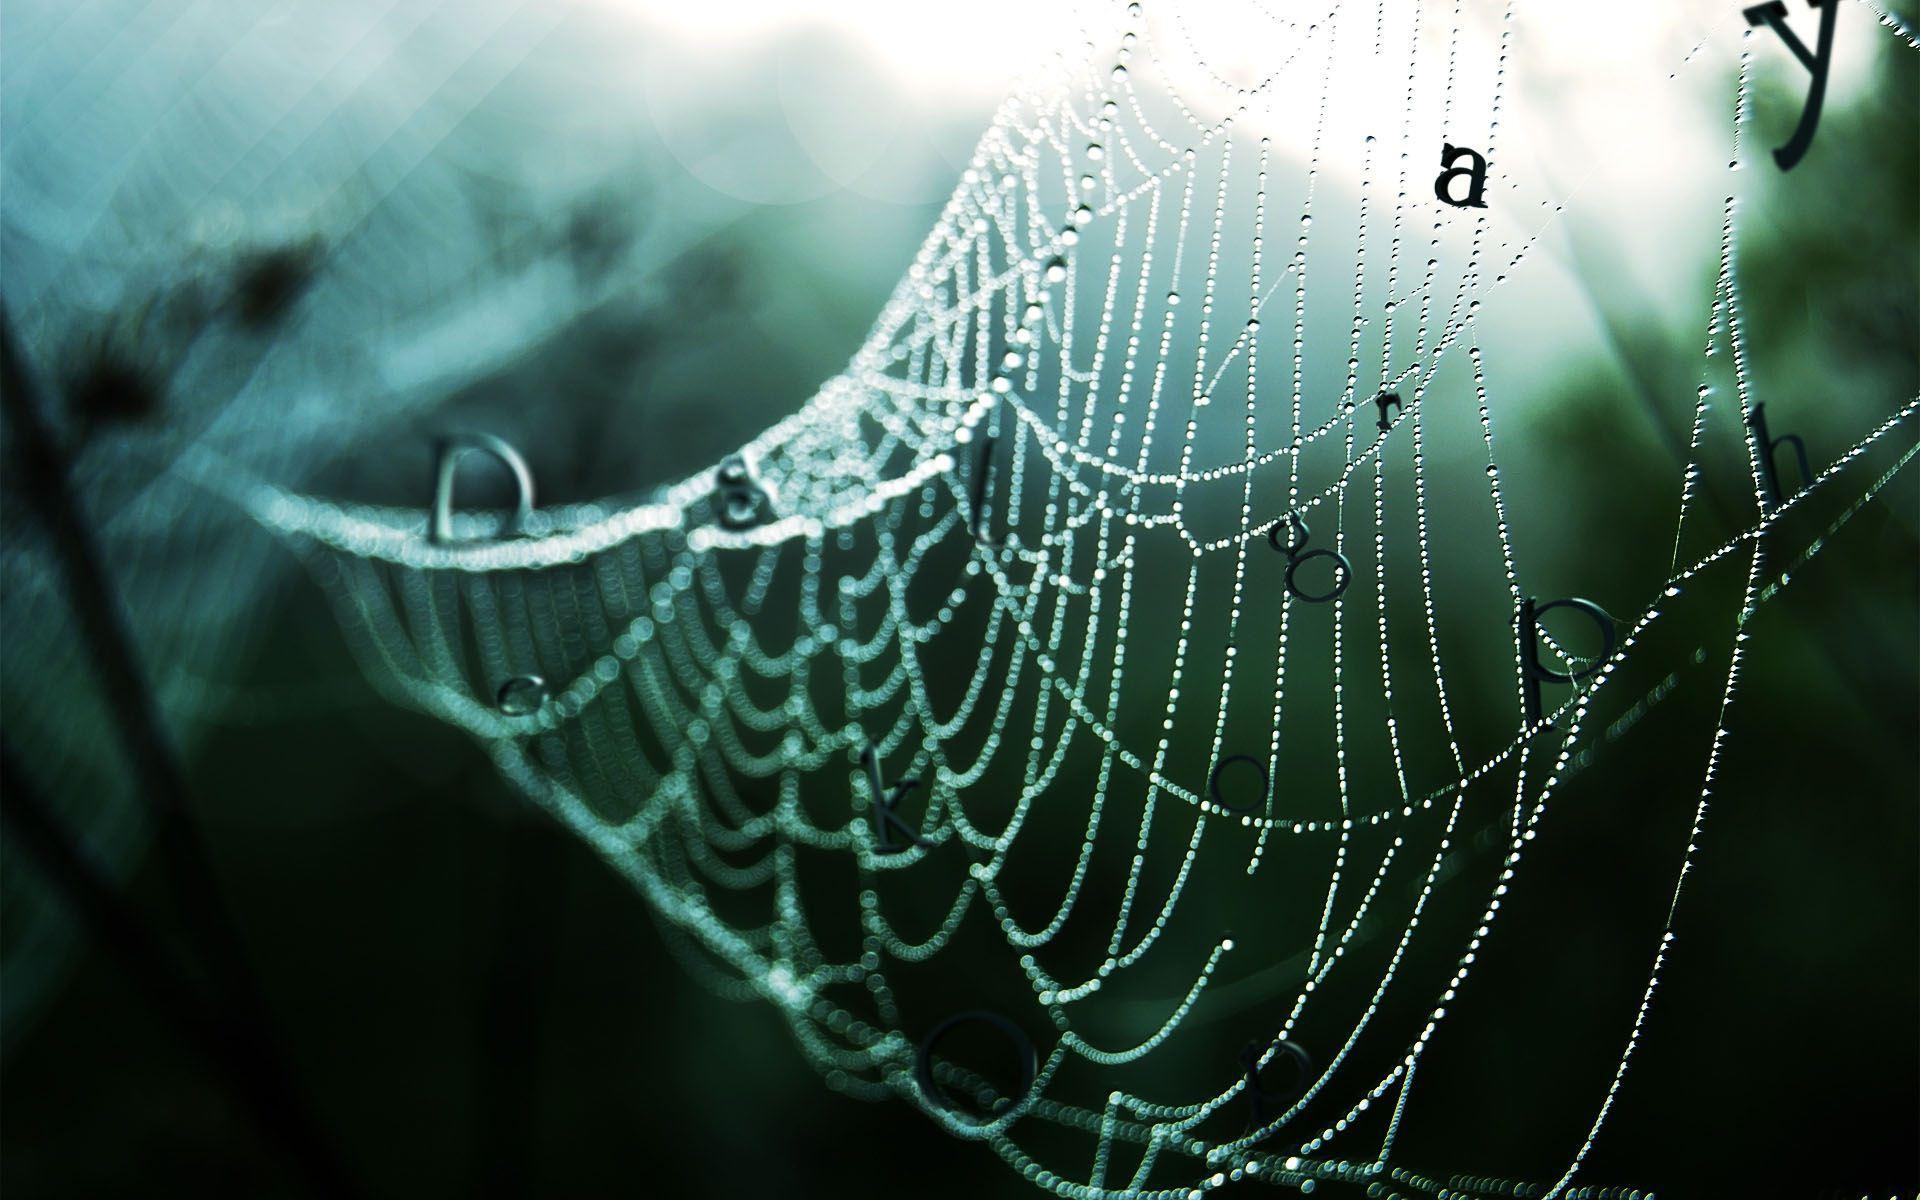 蜘蛛网上的水珠ppt梦幻 空间背景图片素材